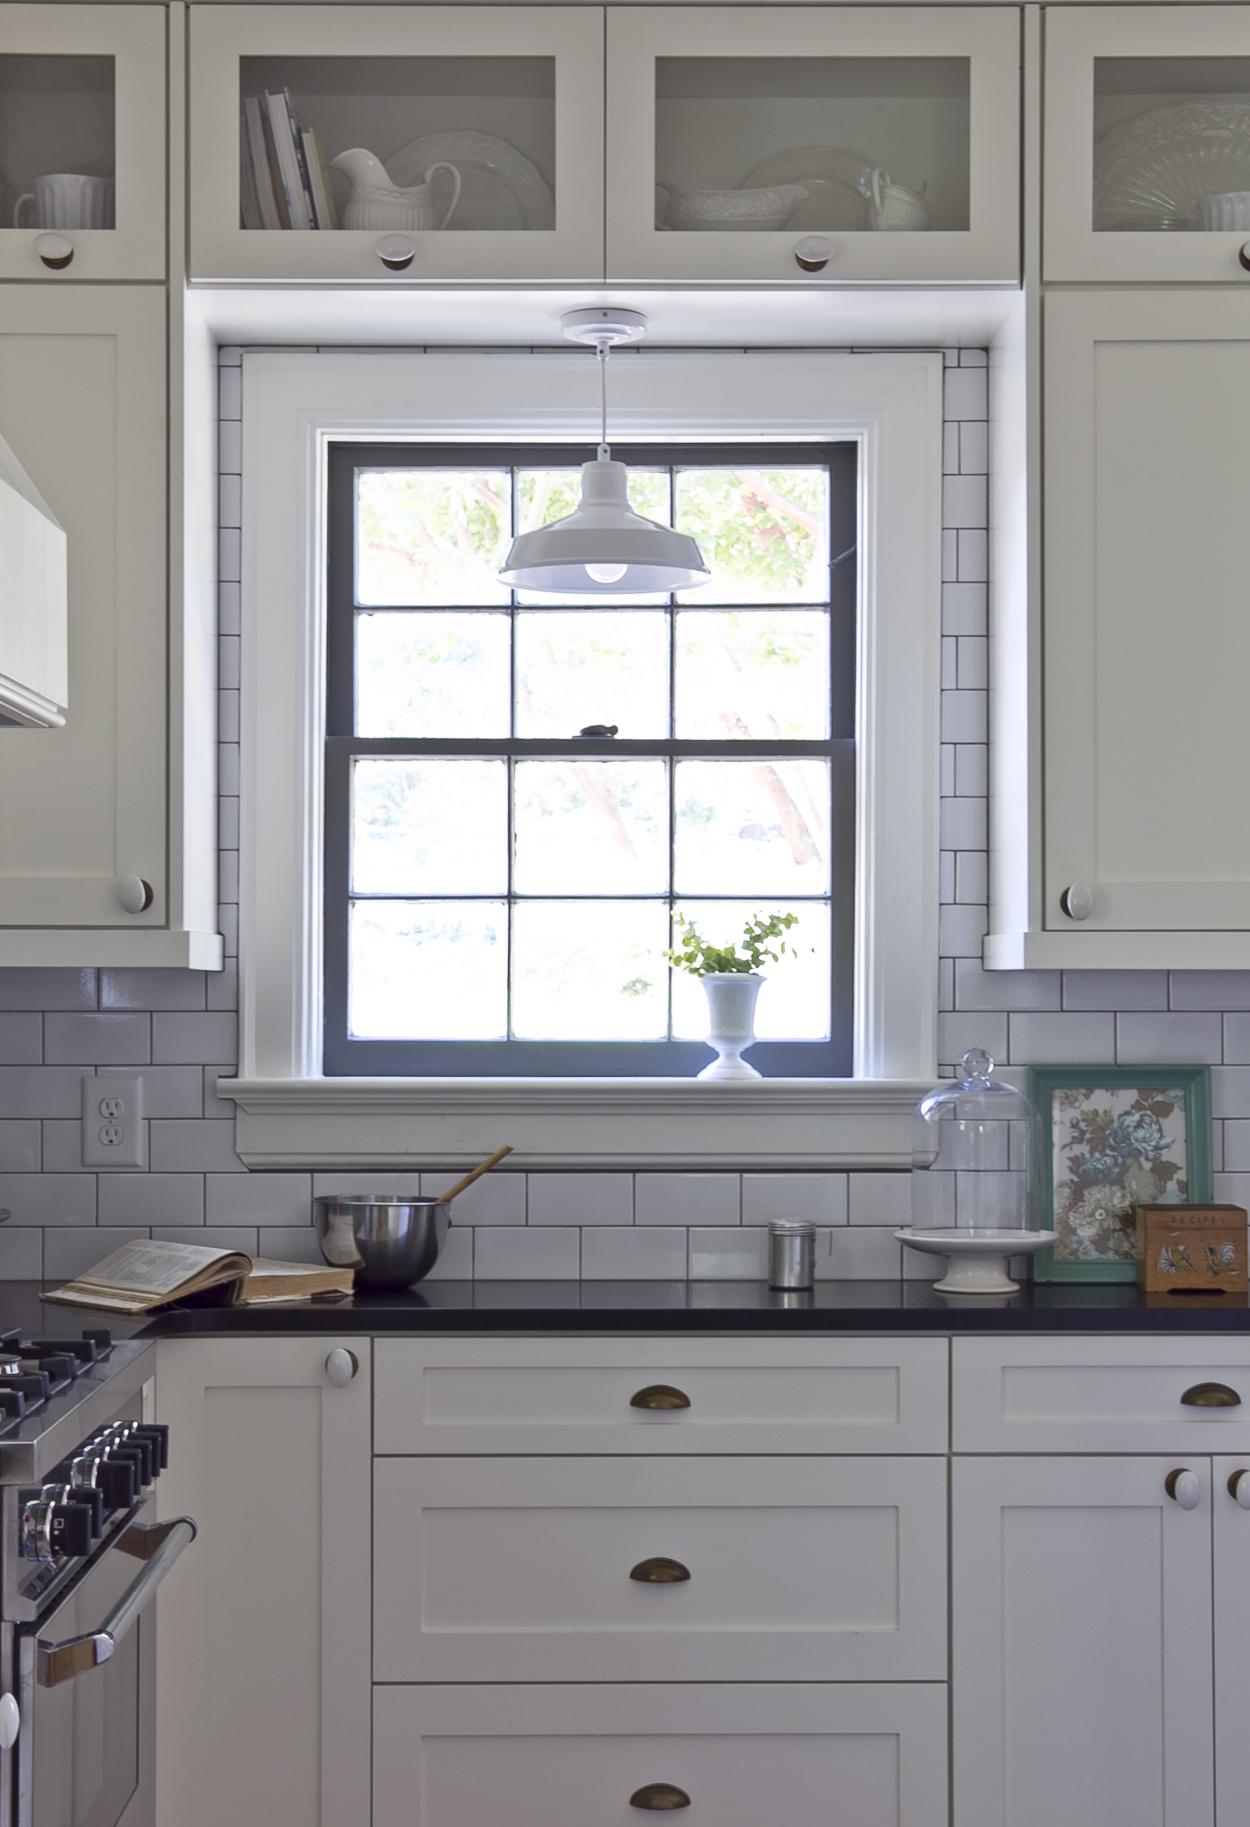 decatur kitchen 7.jpg